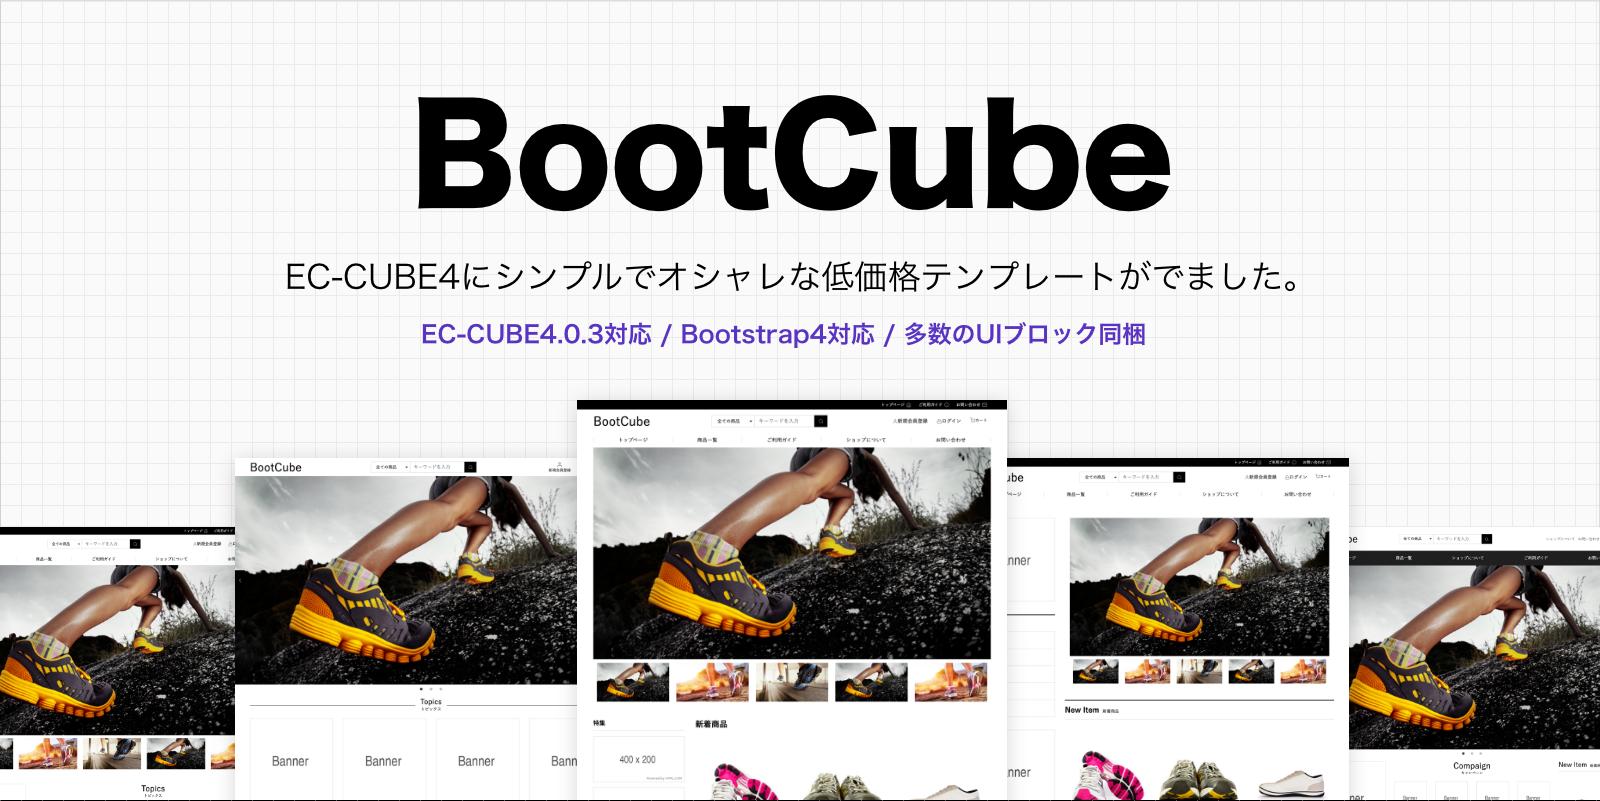 BootCube